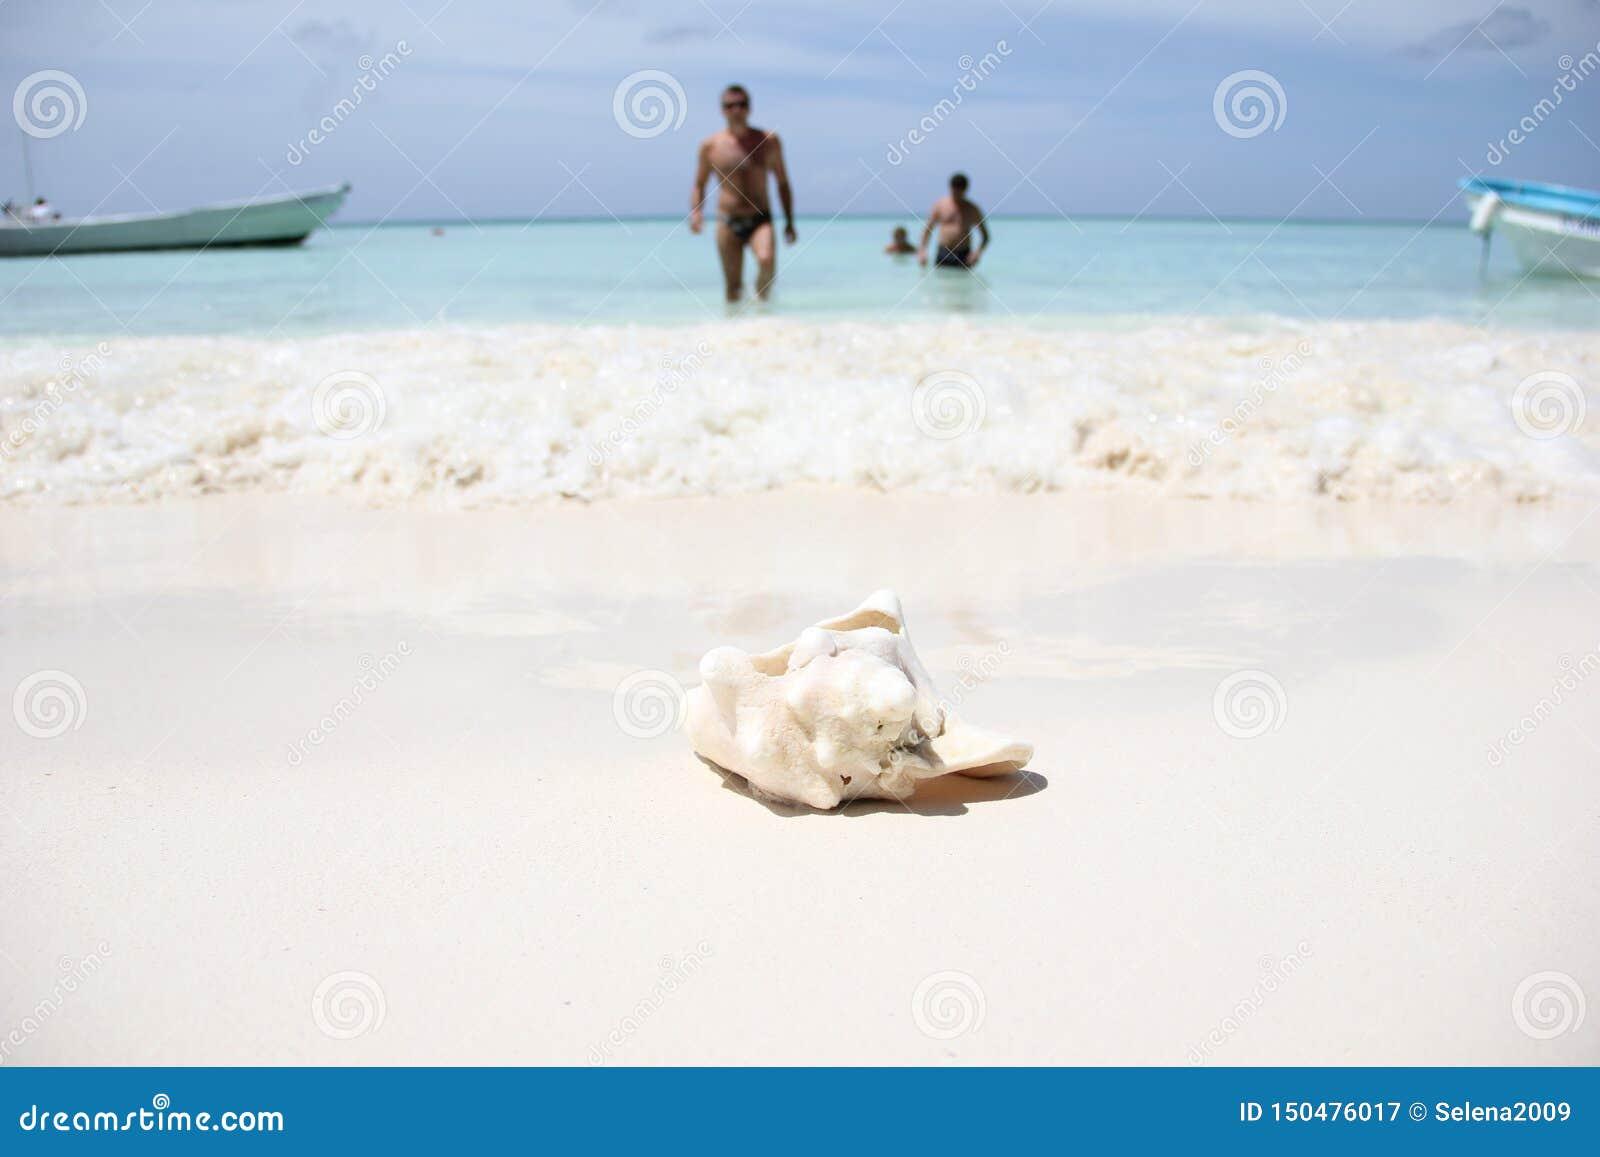 Большая раковина океана розовых mother-of-pearl gigas Strombus лежит на белом песке на карибском море на острове